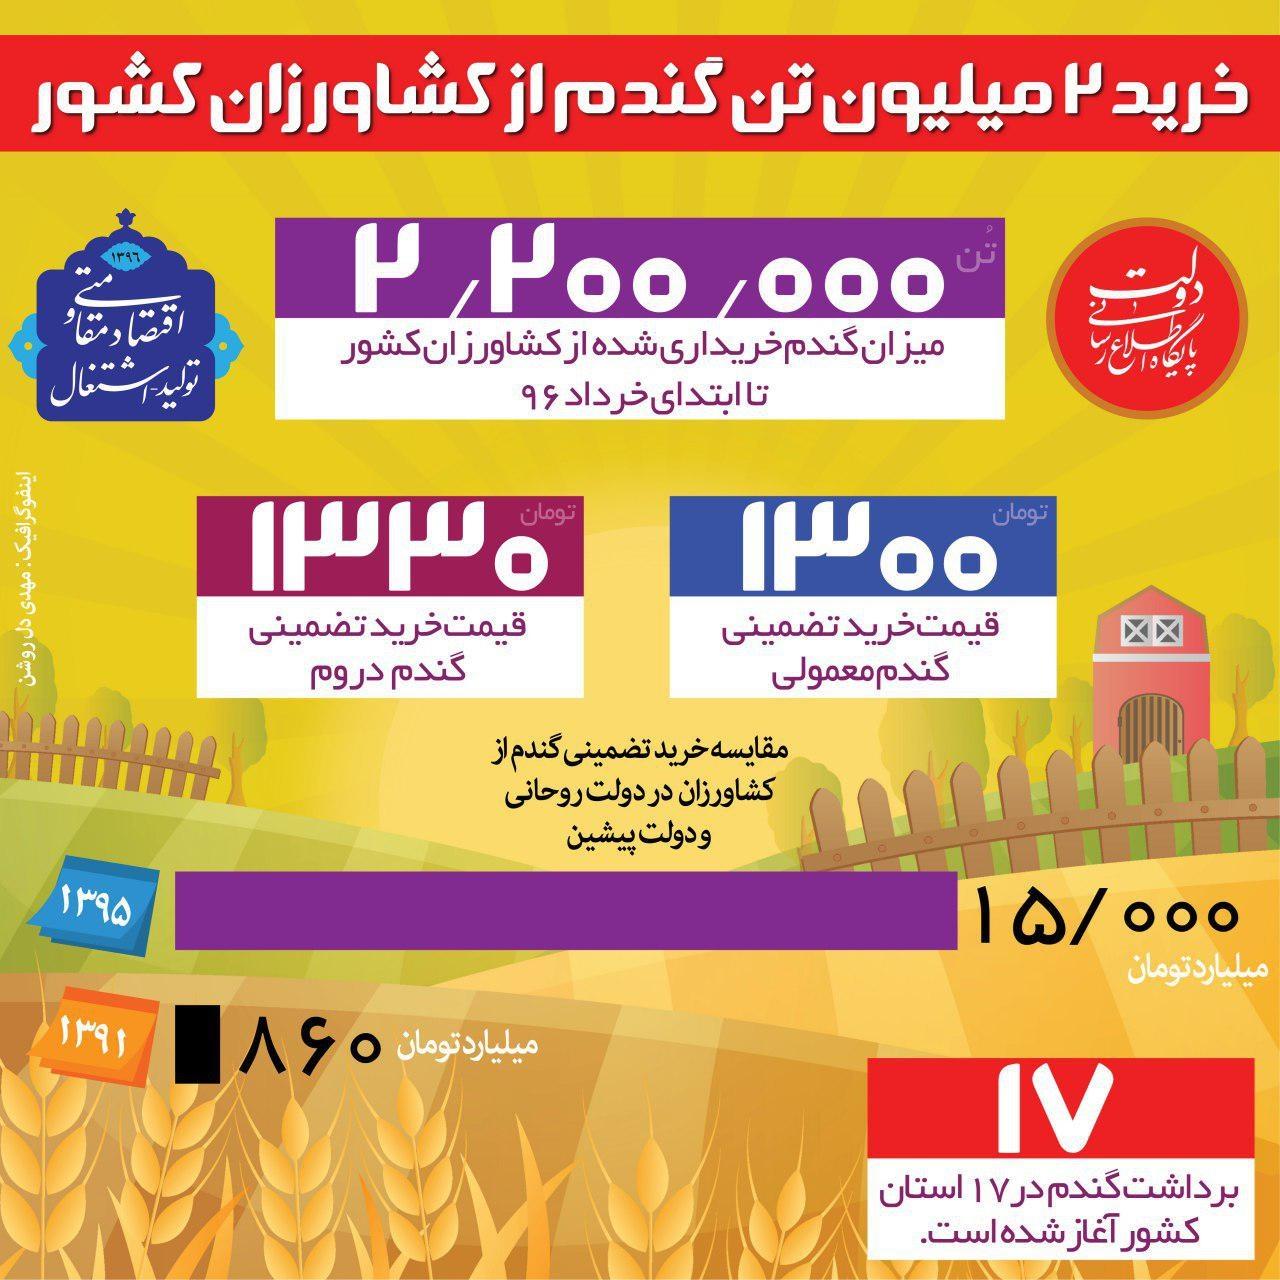 اینفوگرافیک   مقایسه خرید تضمینی گندم از کشاورزان در دولت روحانی و دولت پیشین